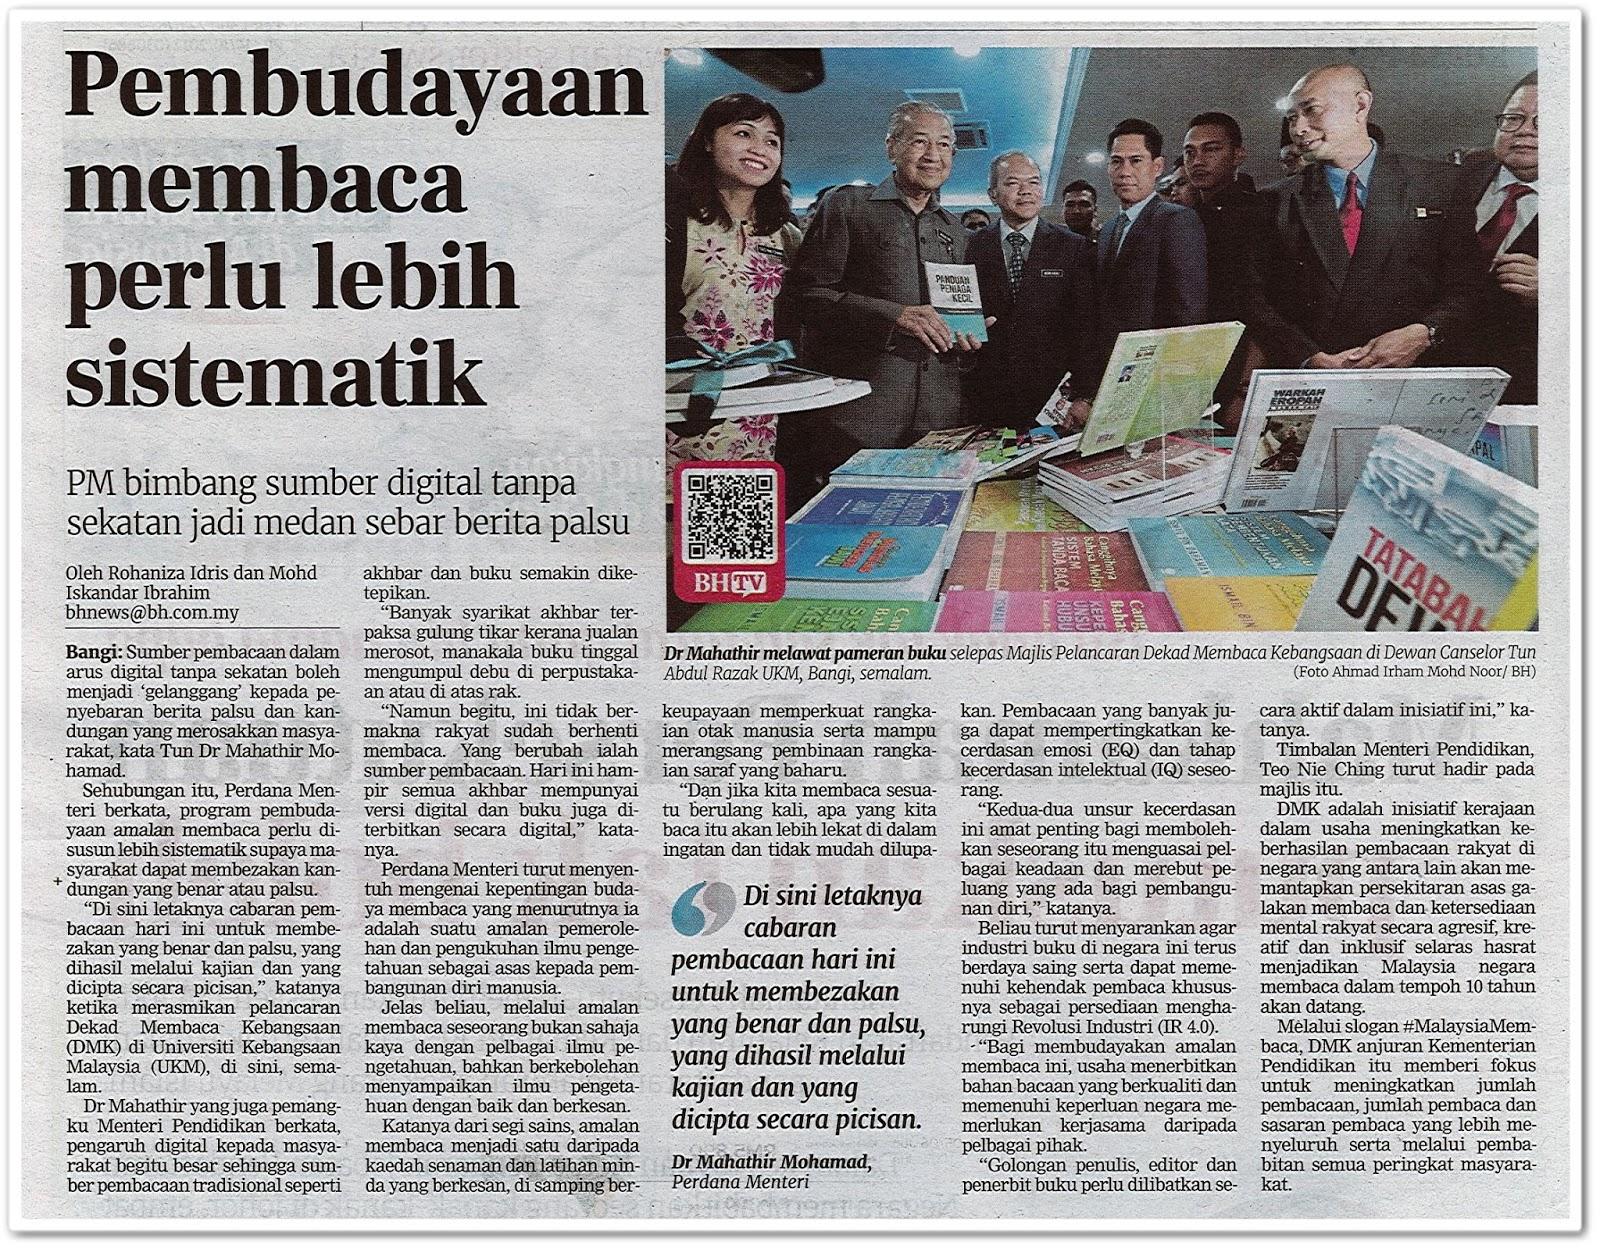 Pembudayaan membaca perlu lebih sistematik - Keratan akhbar Berita Harian 14 Februari 2020